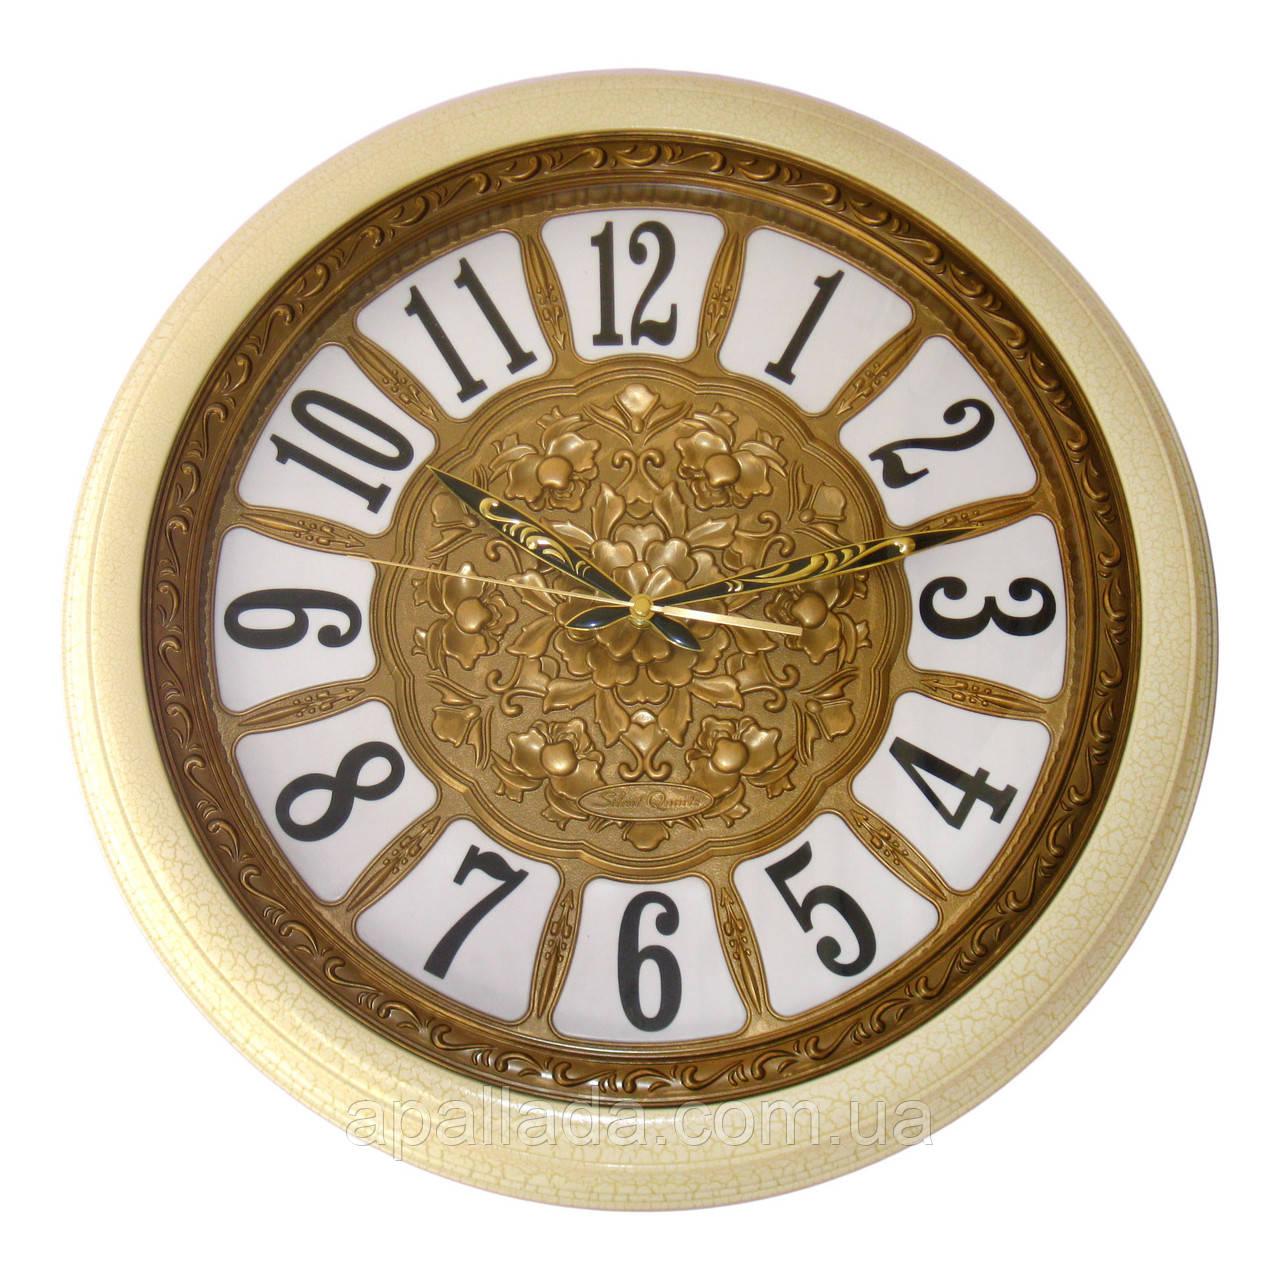 Годинник настінний коричневий 51 см